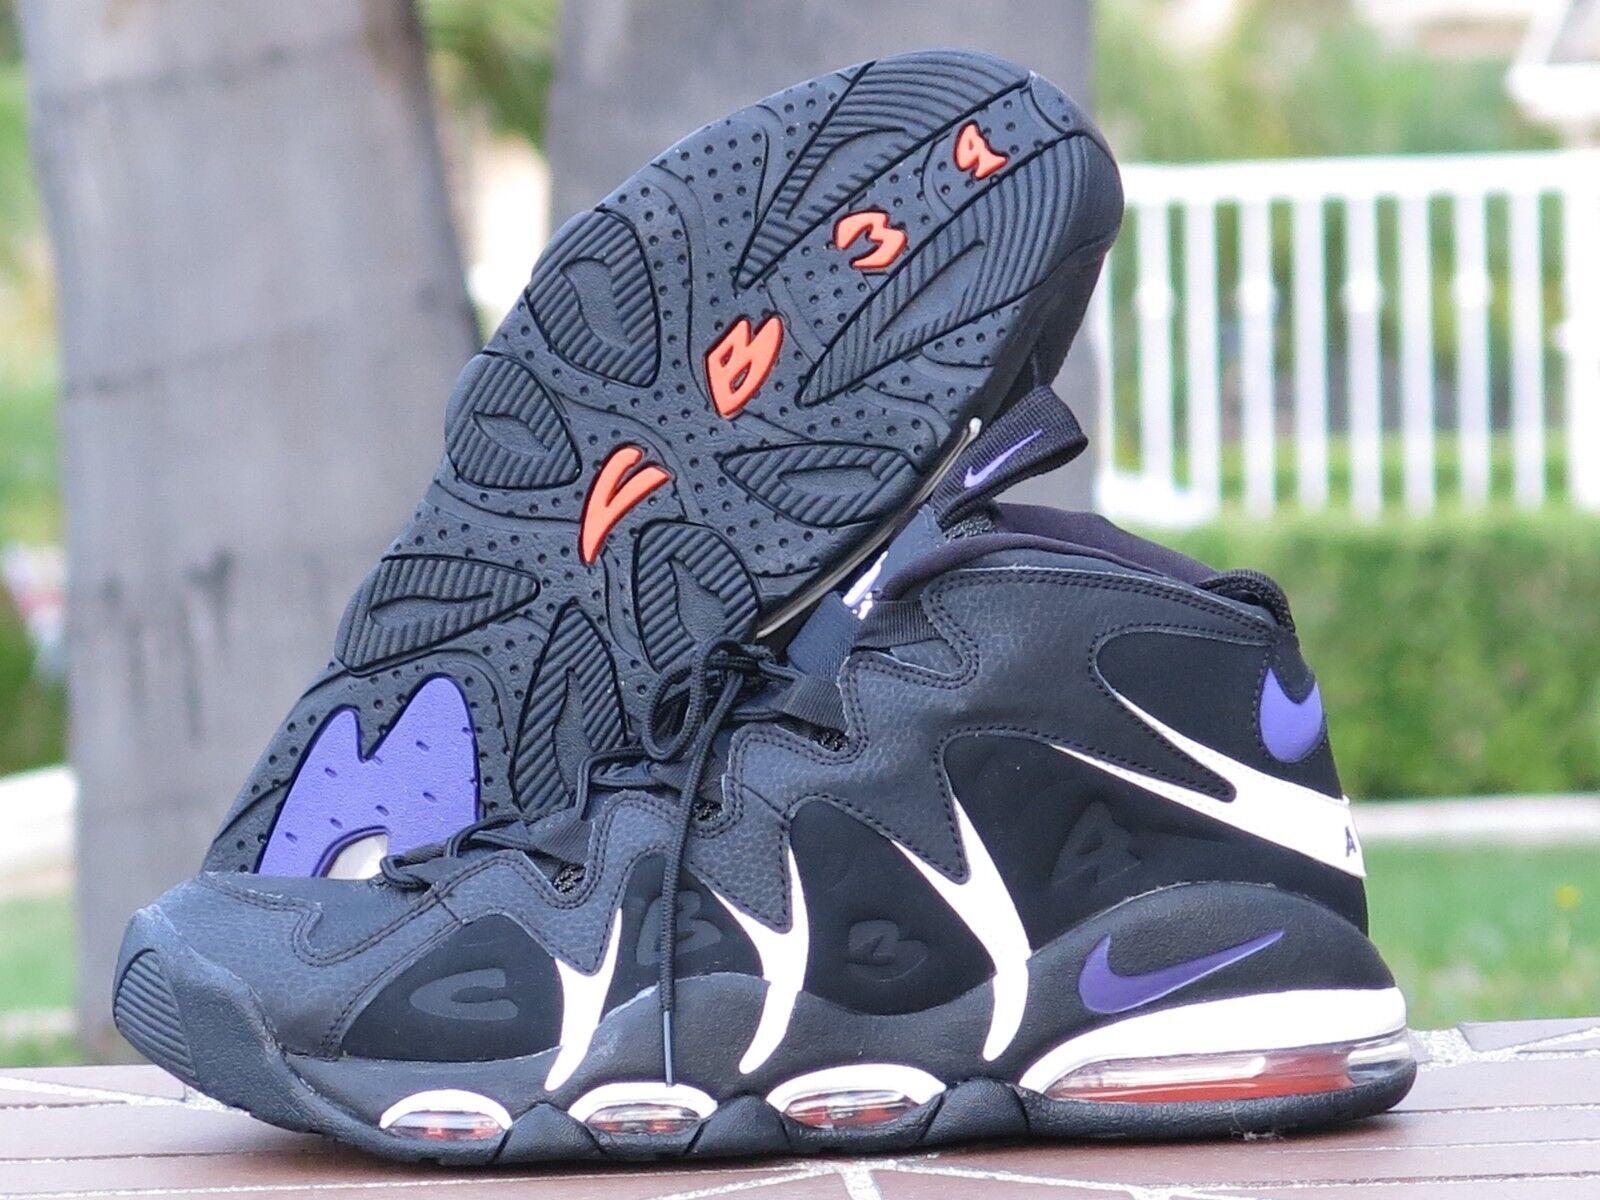 Nike Air Max CB34 Barkley Retro OG Men's Basketball Sneakers 414243-002 SZ 12